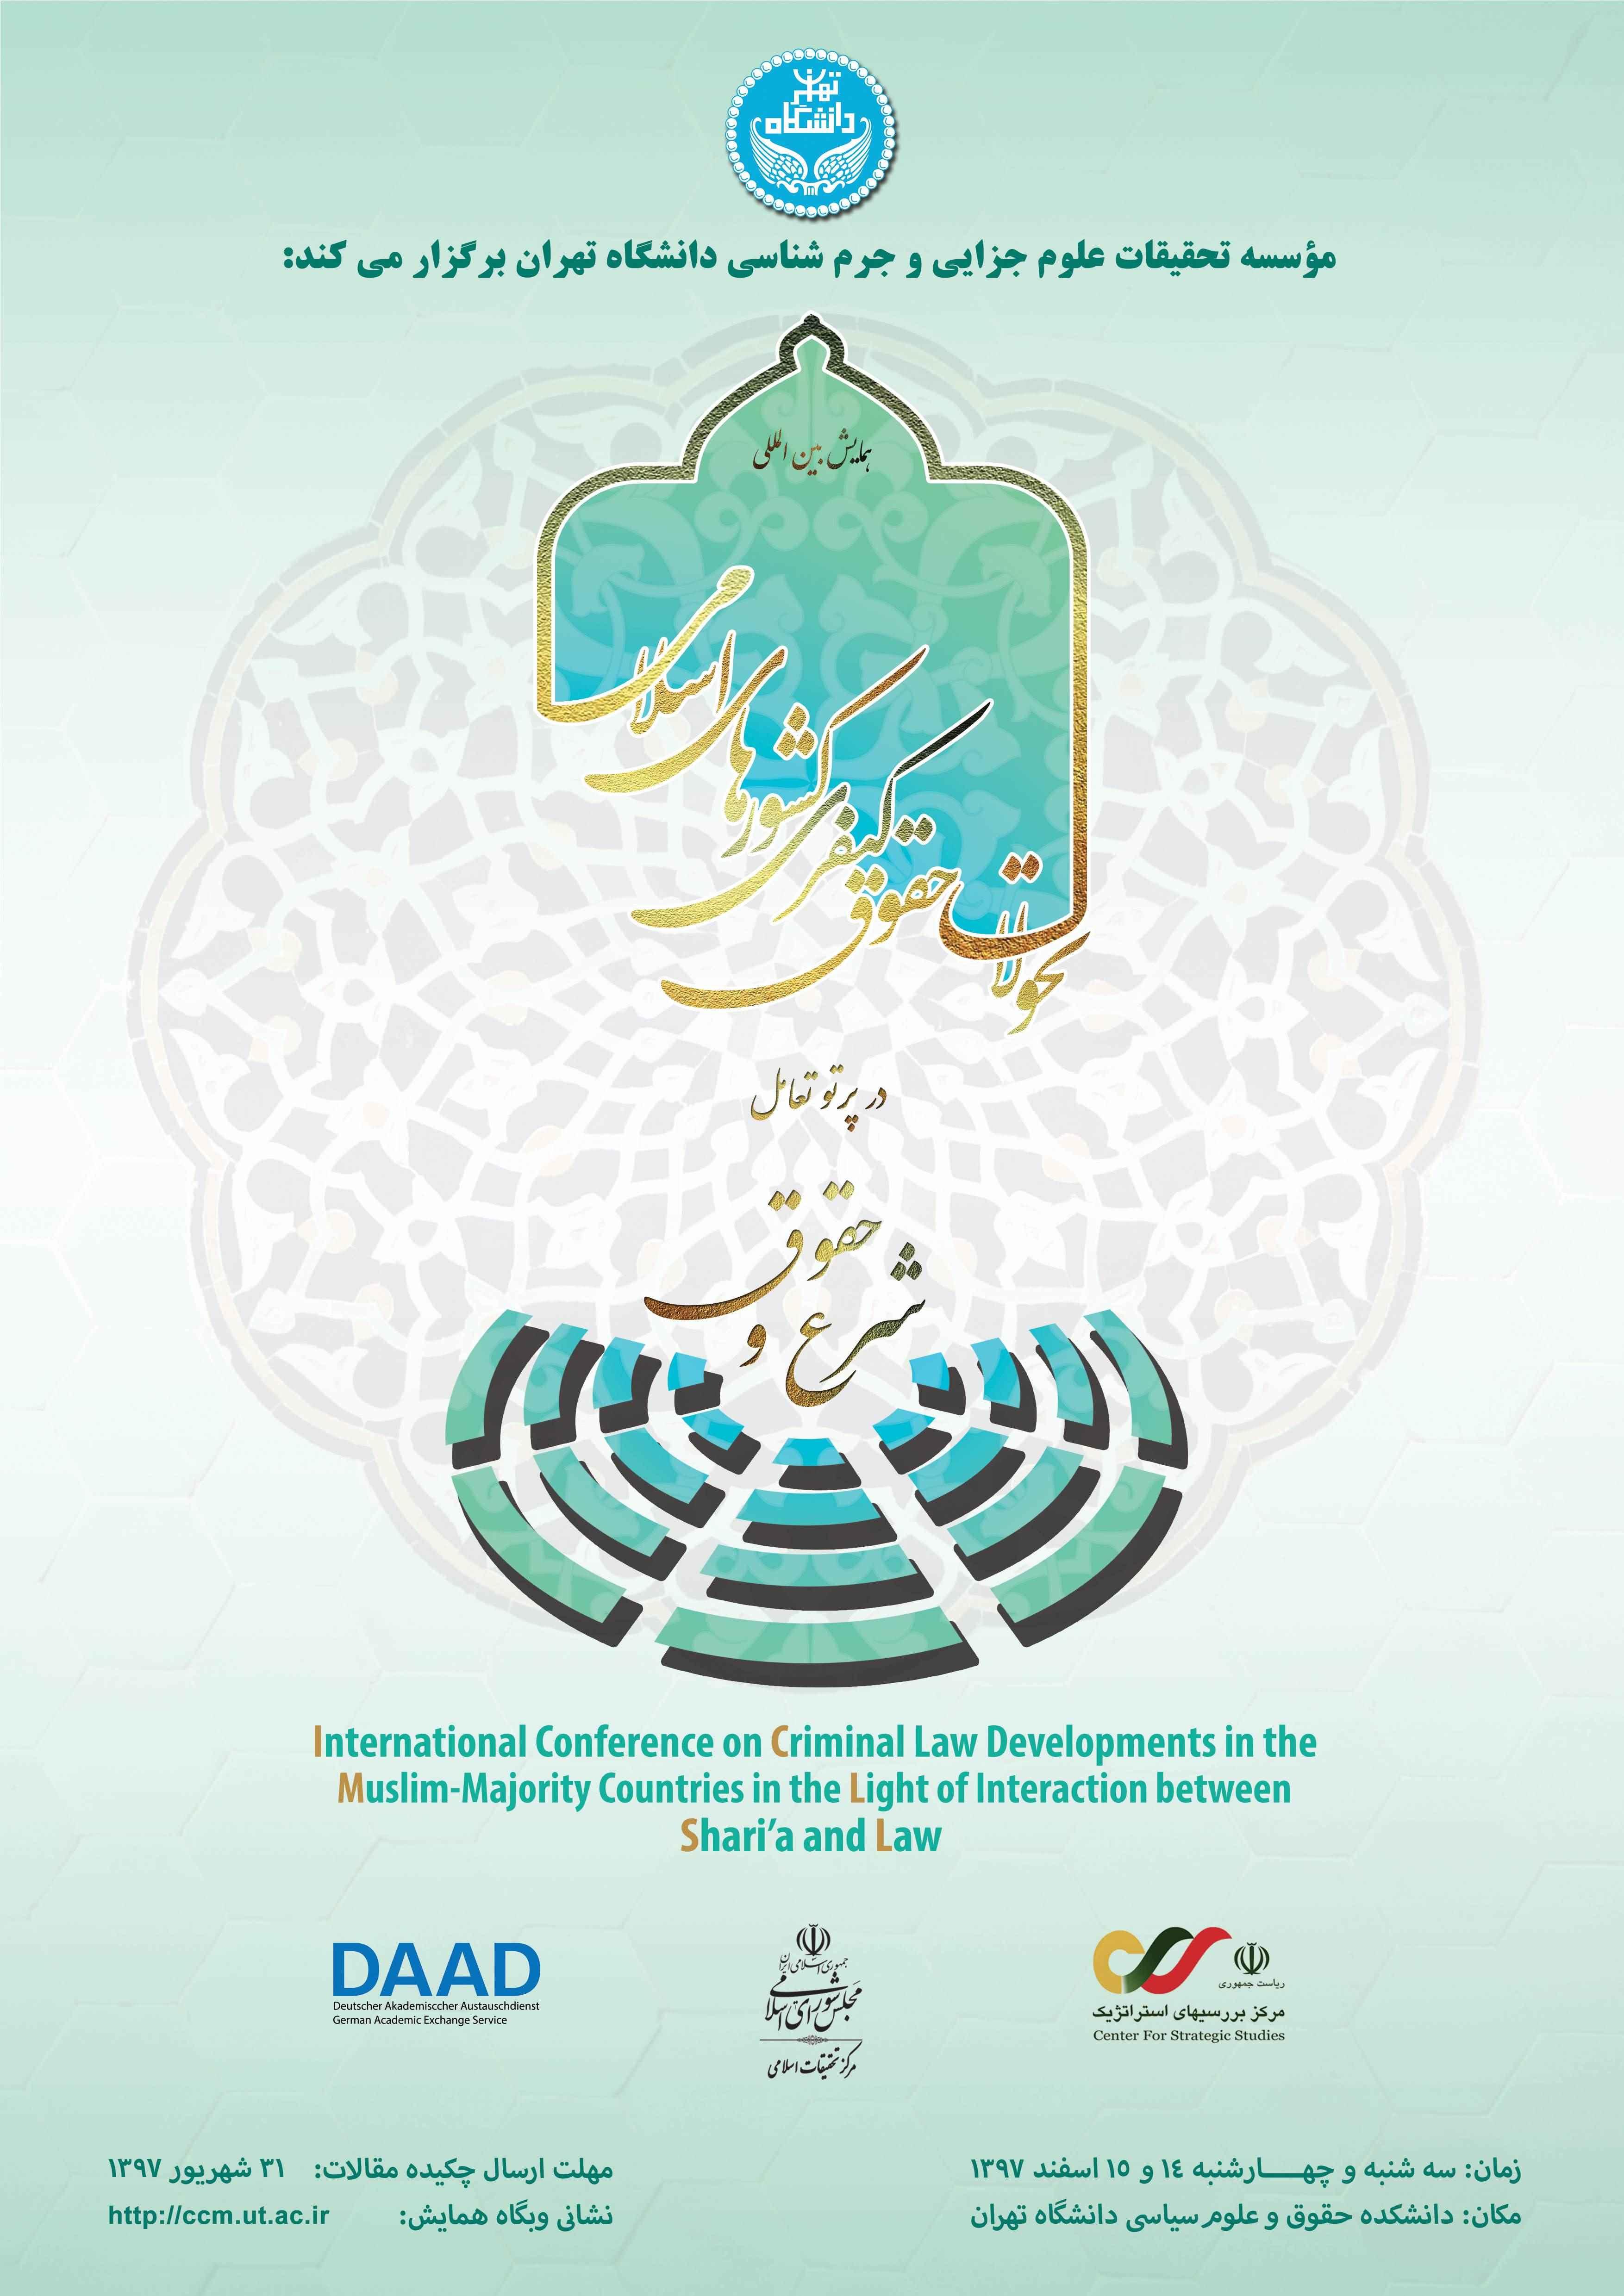 تحولات حقوق کیفری کشورهای اسلامی در پرتو تعامل شرع و حقوق